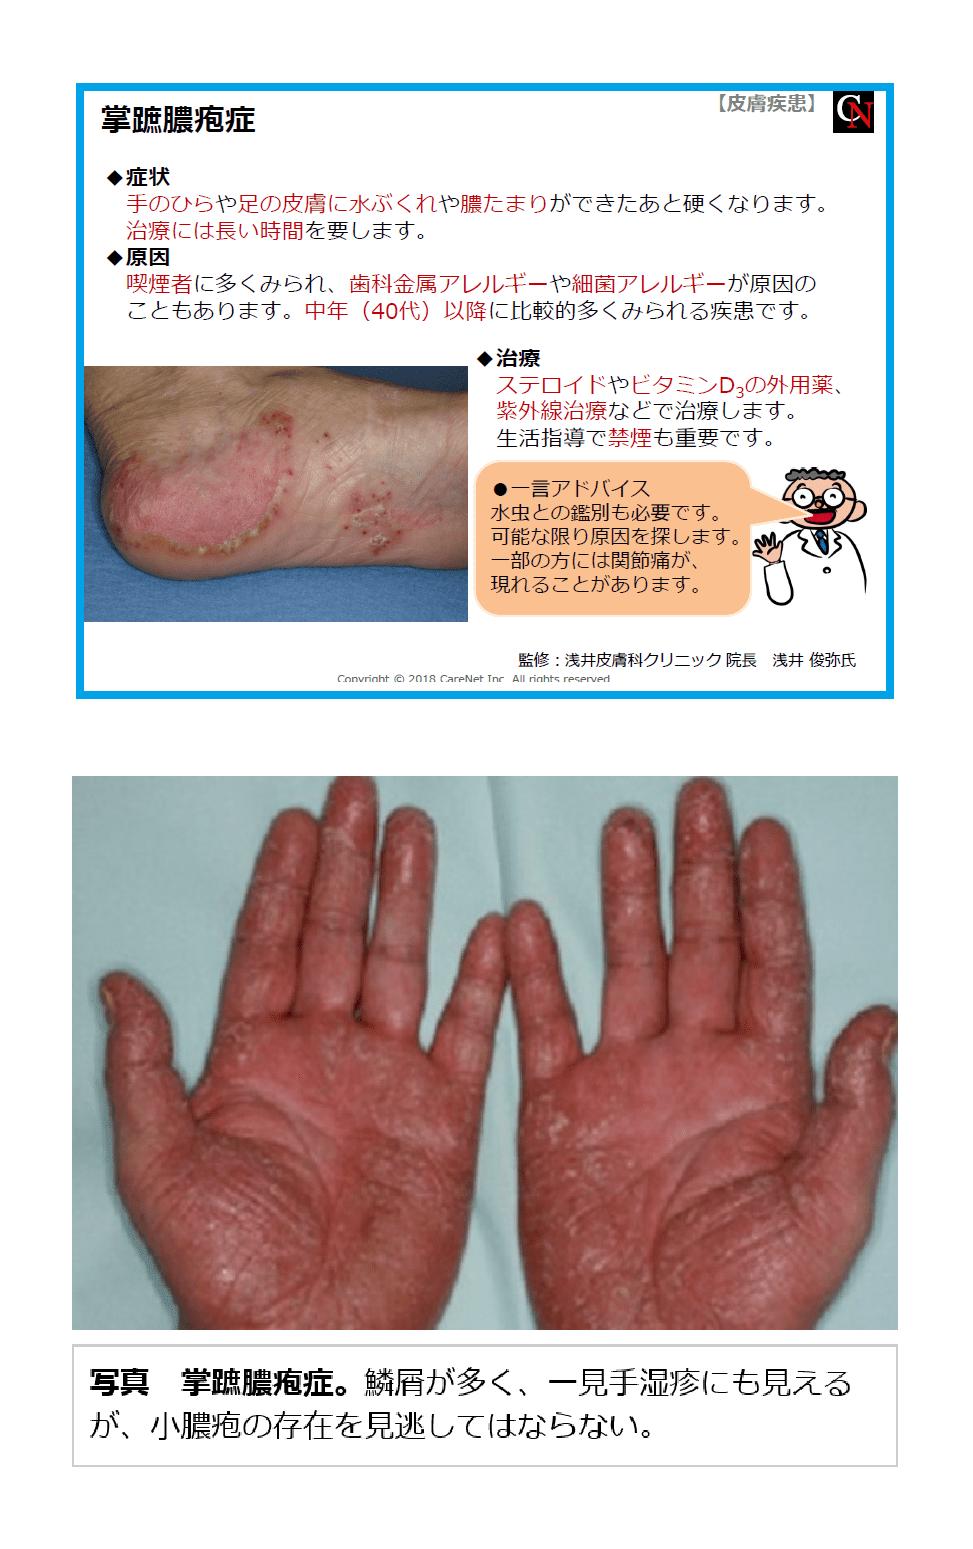 蹠 症 掌 膿疱